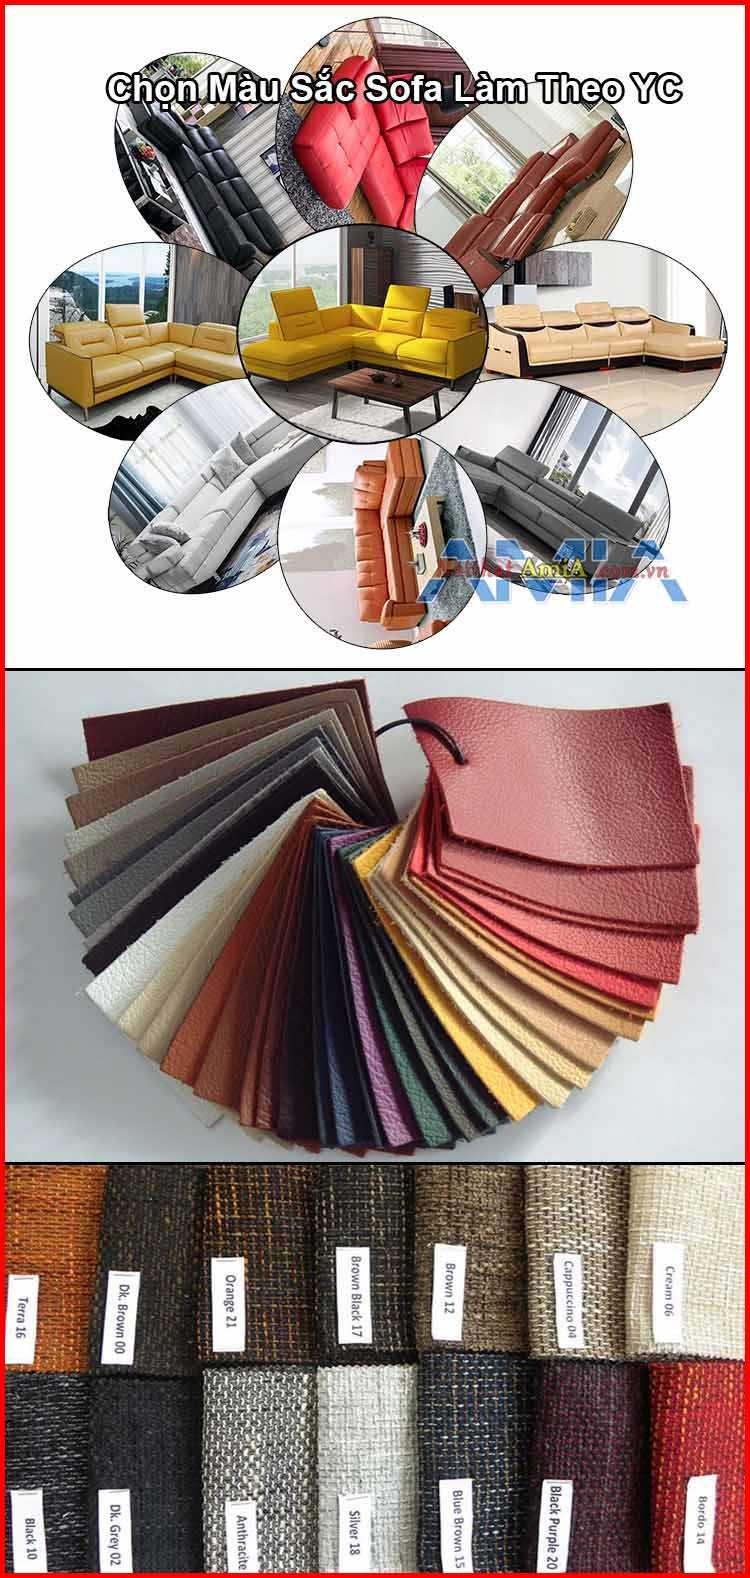 chọn kiểu dáng, màu sắc ghế sofa làm theo yêu cầu riêng